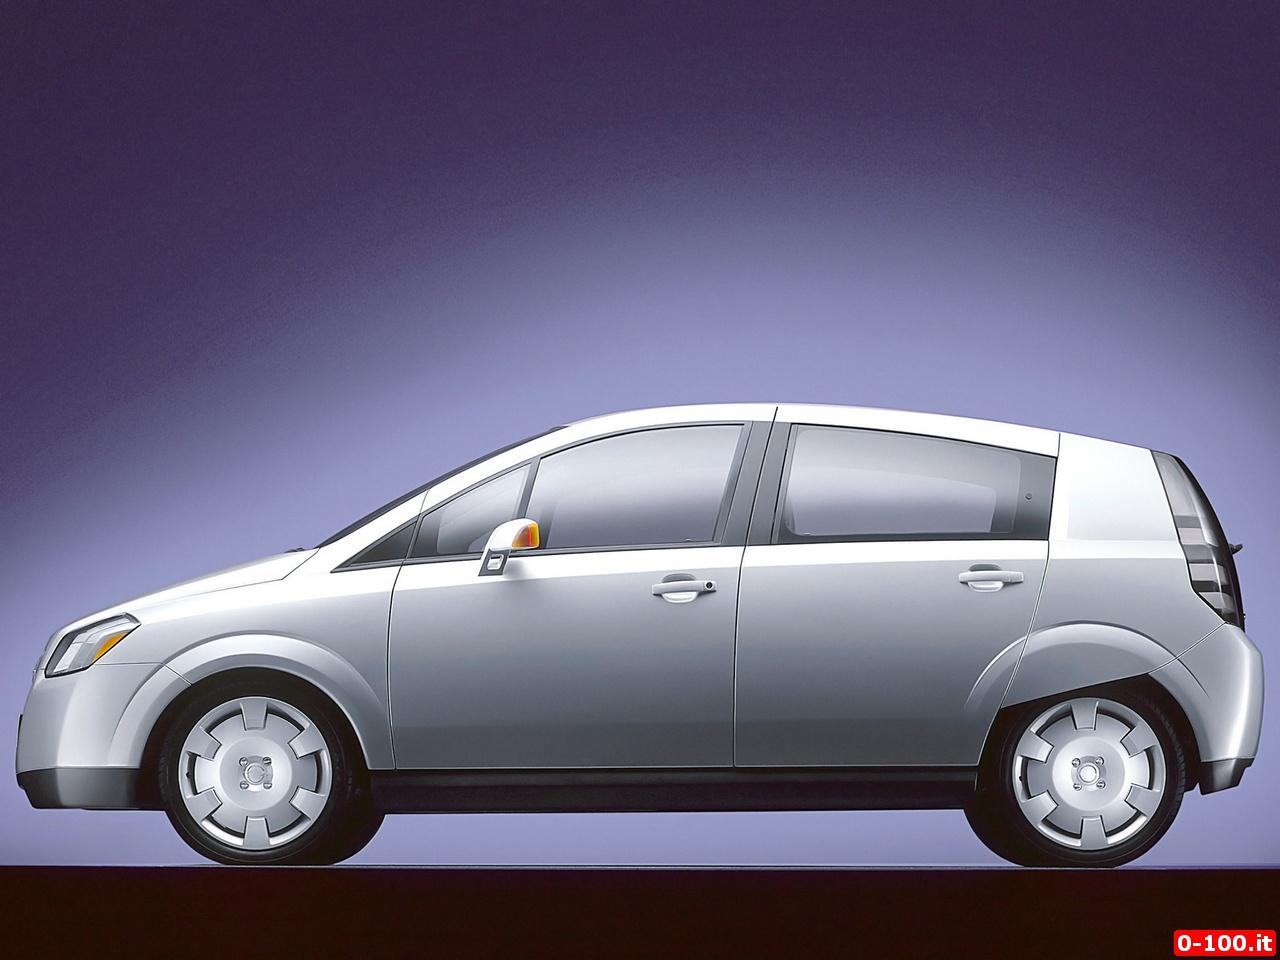 Opel_G90-0-100_2